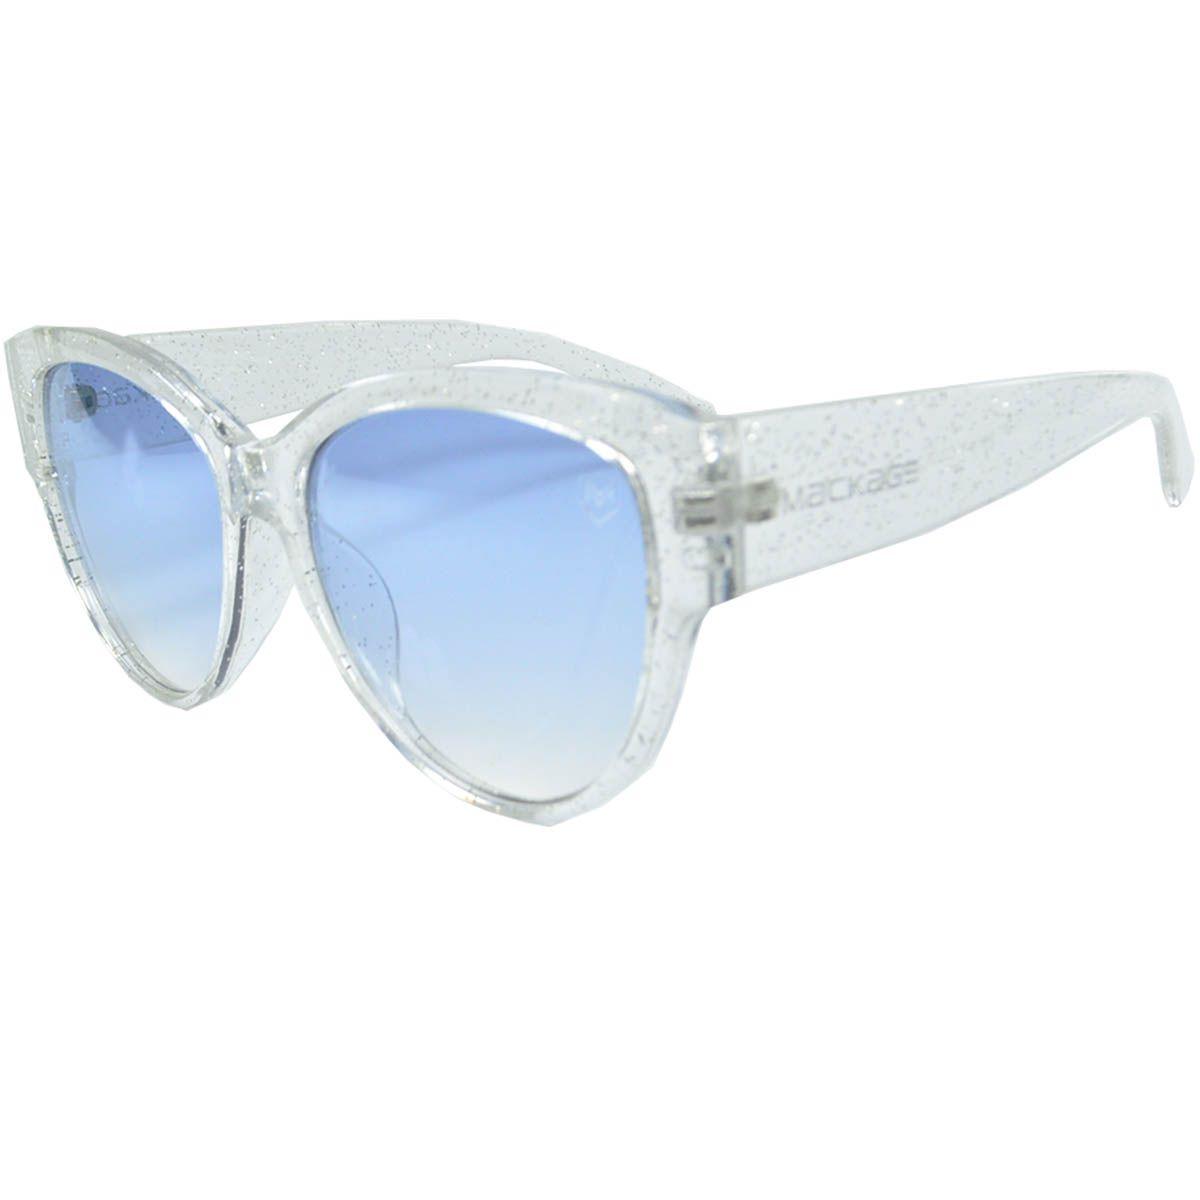 ec35be5922812 Óculos de Sol Feminino Mackage MK1817PR - Mackage ...